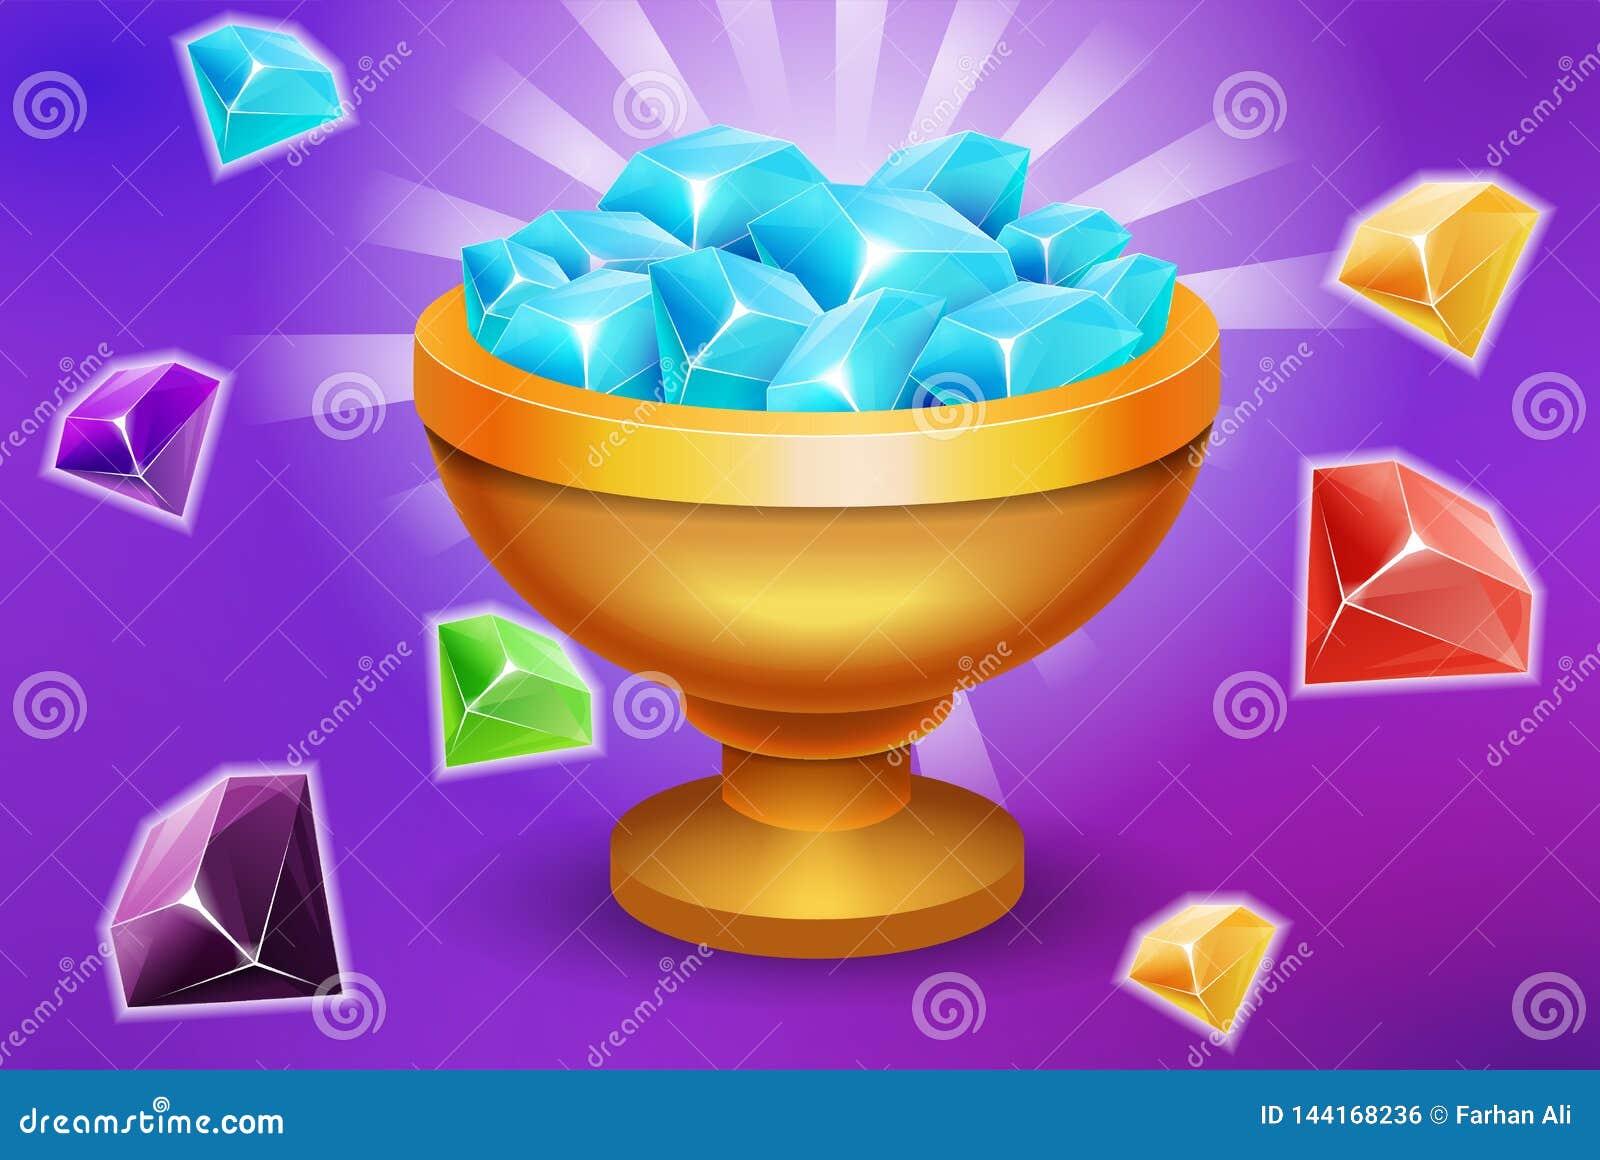 Σύνολο τροπαίων των προτερημάτων στοιχείων παιχνιδιών πολύτιμων λίθων και πετρών για τη νίκη ή το πανδοχείο app